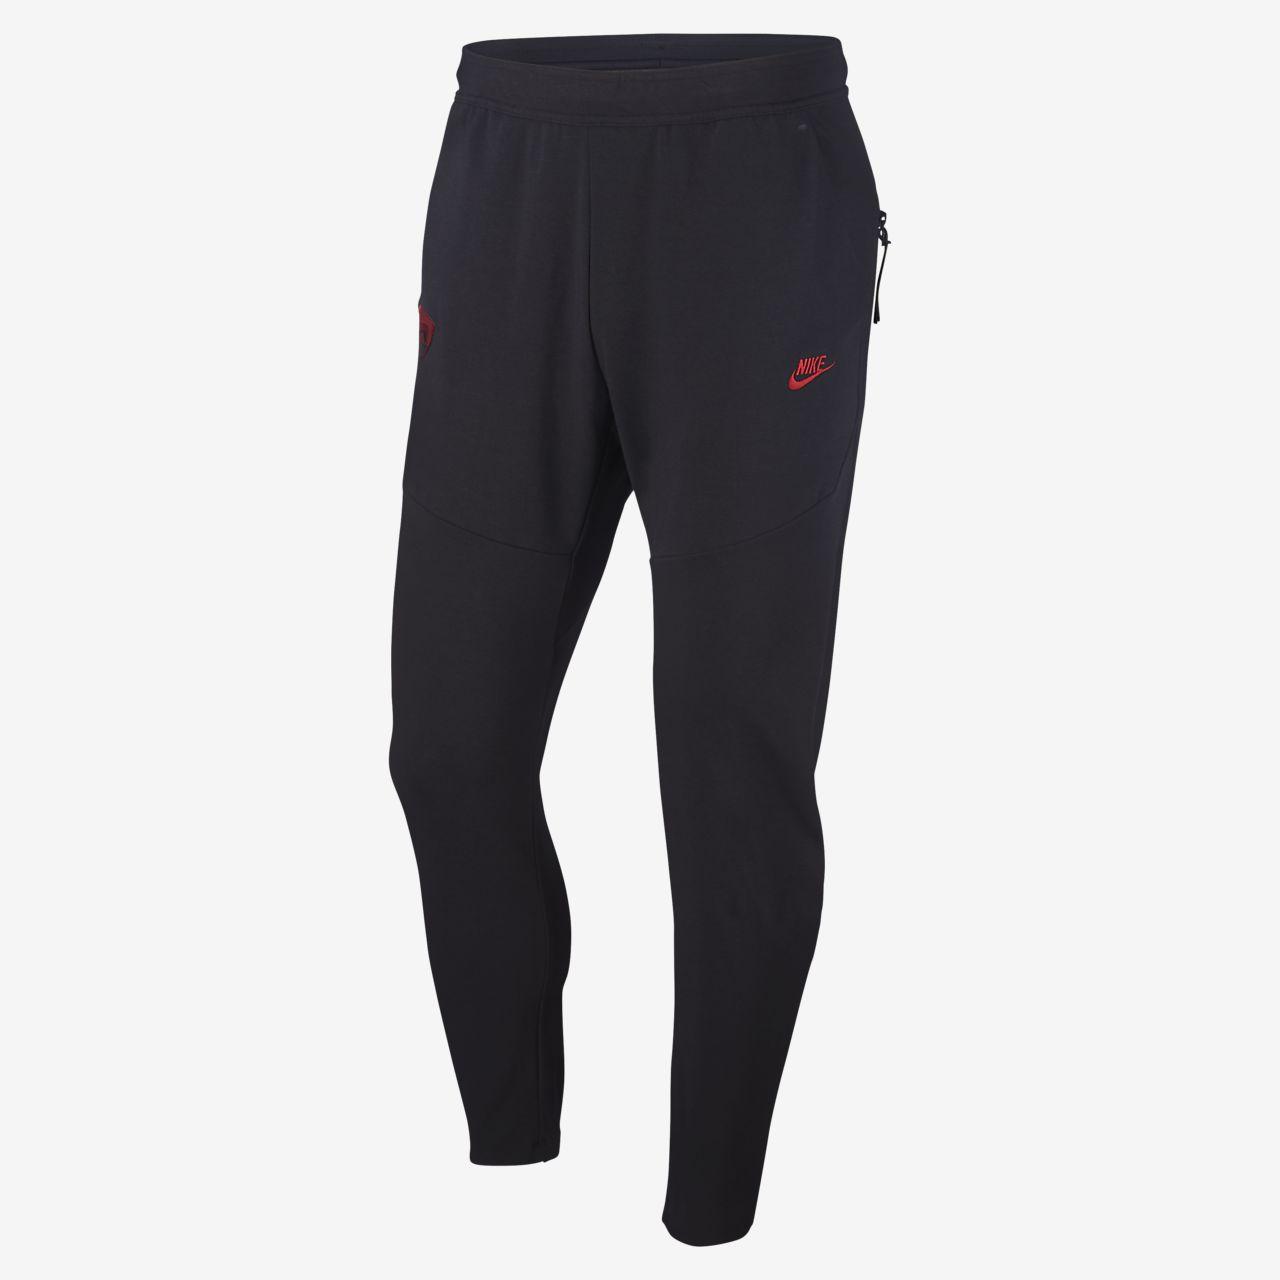 Pantalon A.S. Roma Tech Pack pour Homme